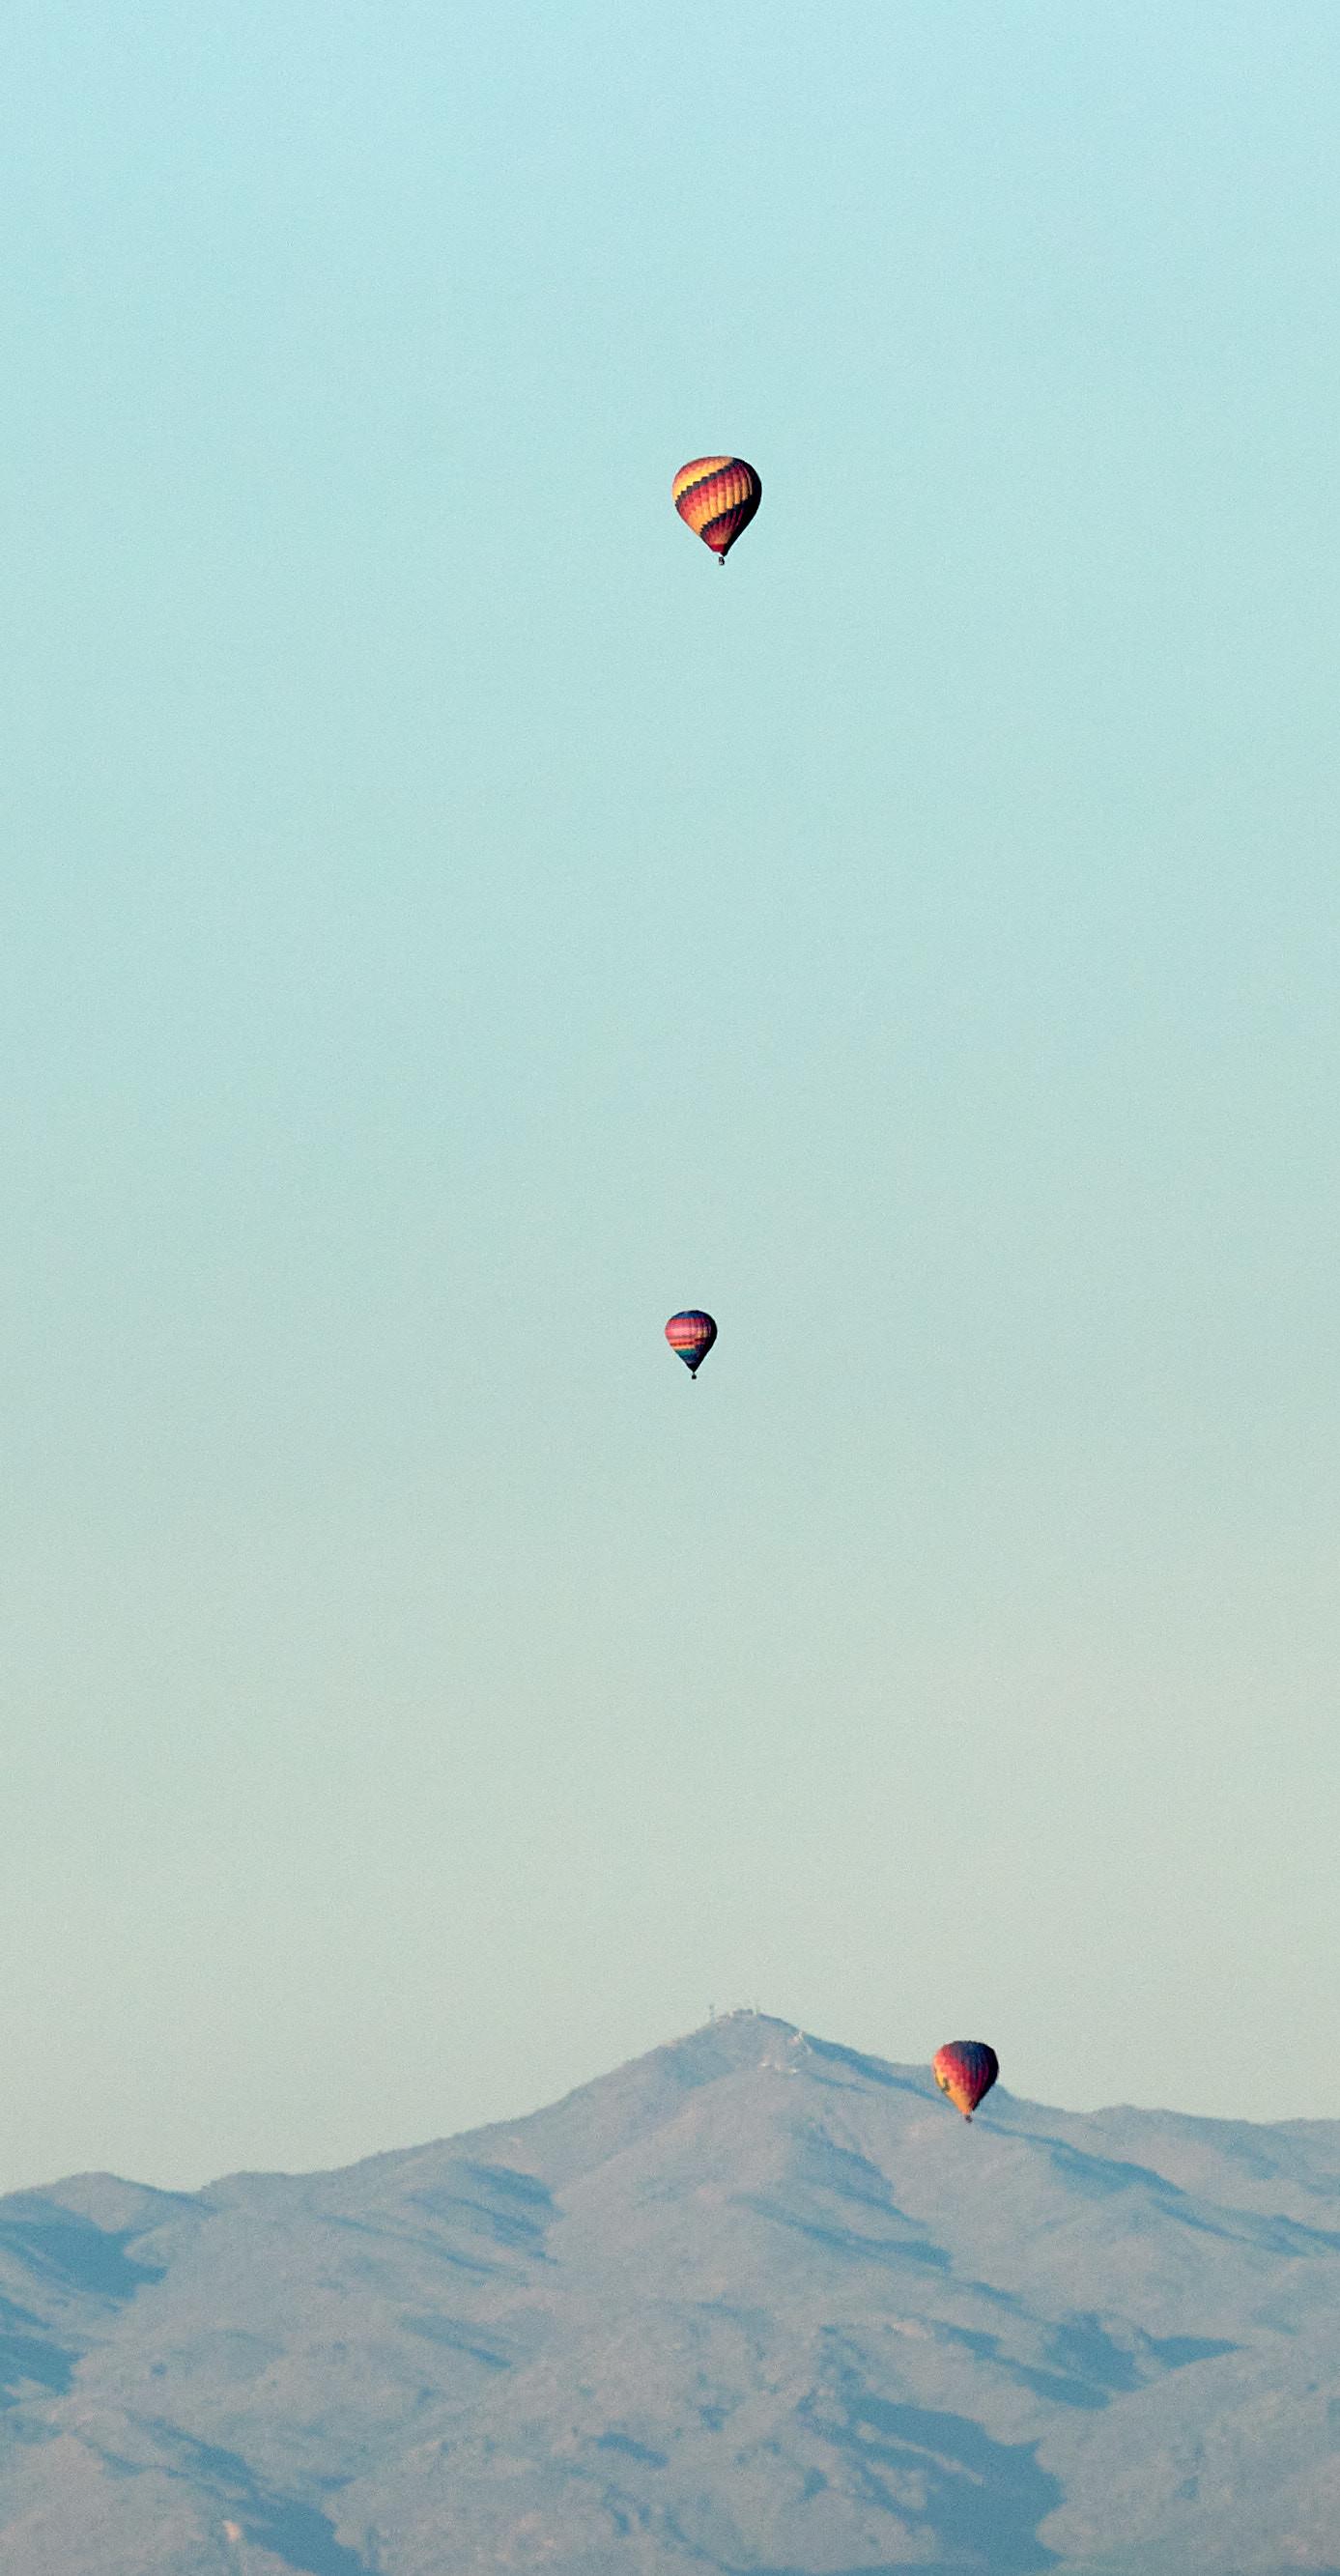 131476 скачать обои Природа, Скалы, Полет, Горы, Воздушные Шары - заставки и картинки бесплатно